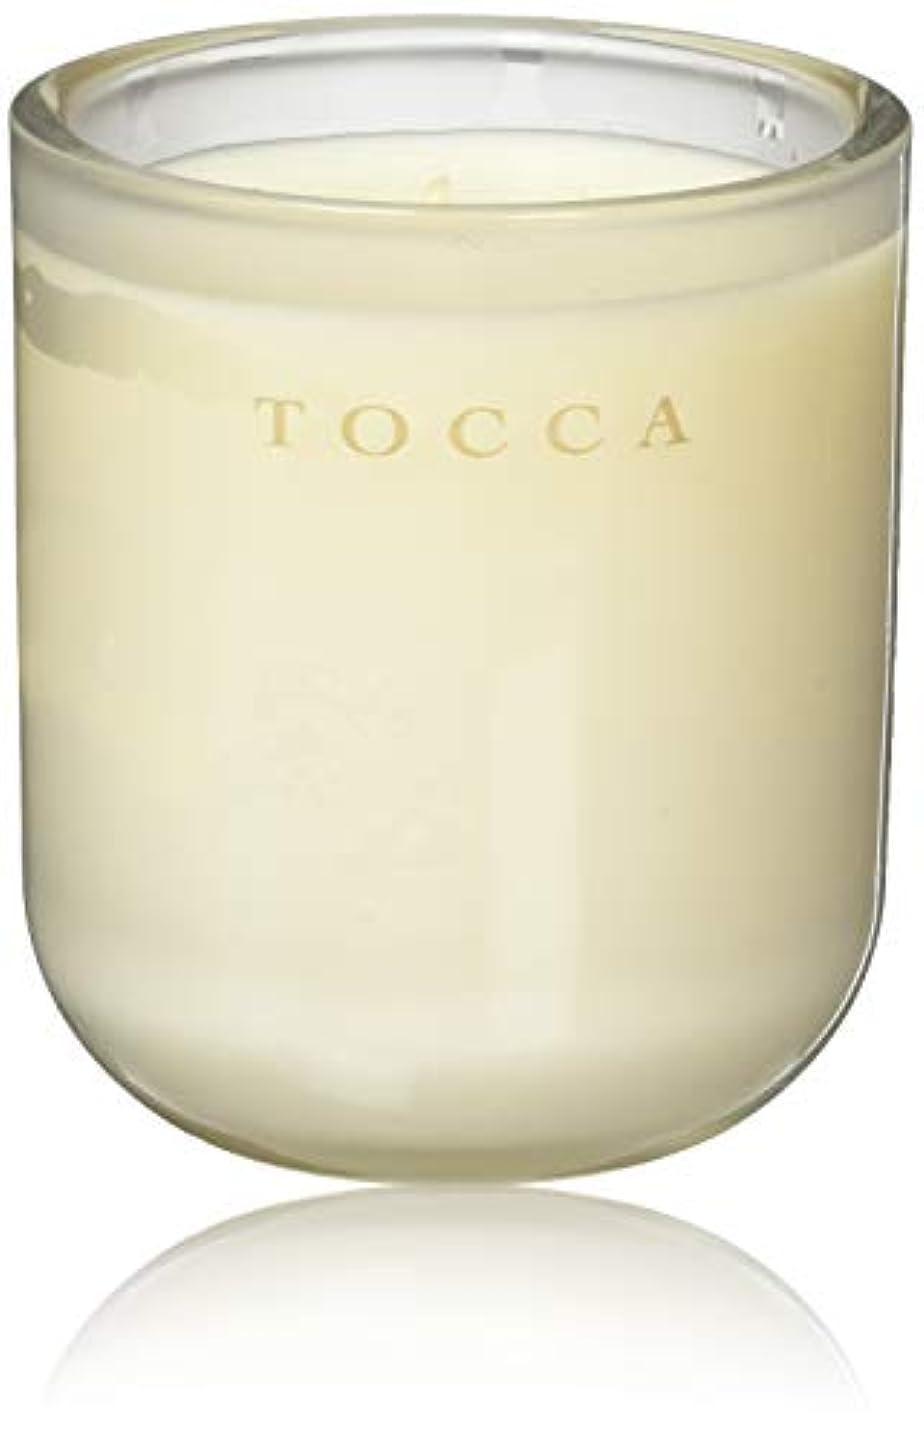 口述する一節下向きTOCCA(トッカ) ボヤージュ キャンドル カプリ 287g (ろうそく 芳香 柑橘とメロンの魅惑なシトラスな香り)